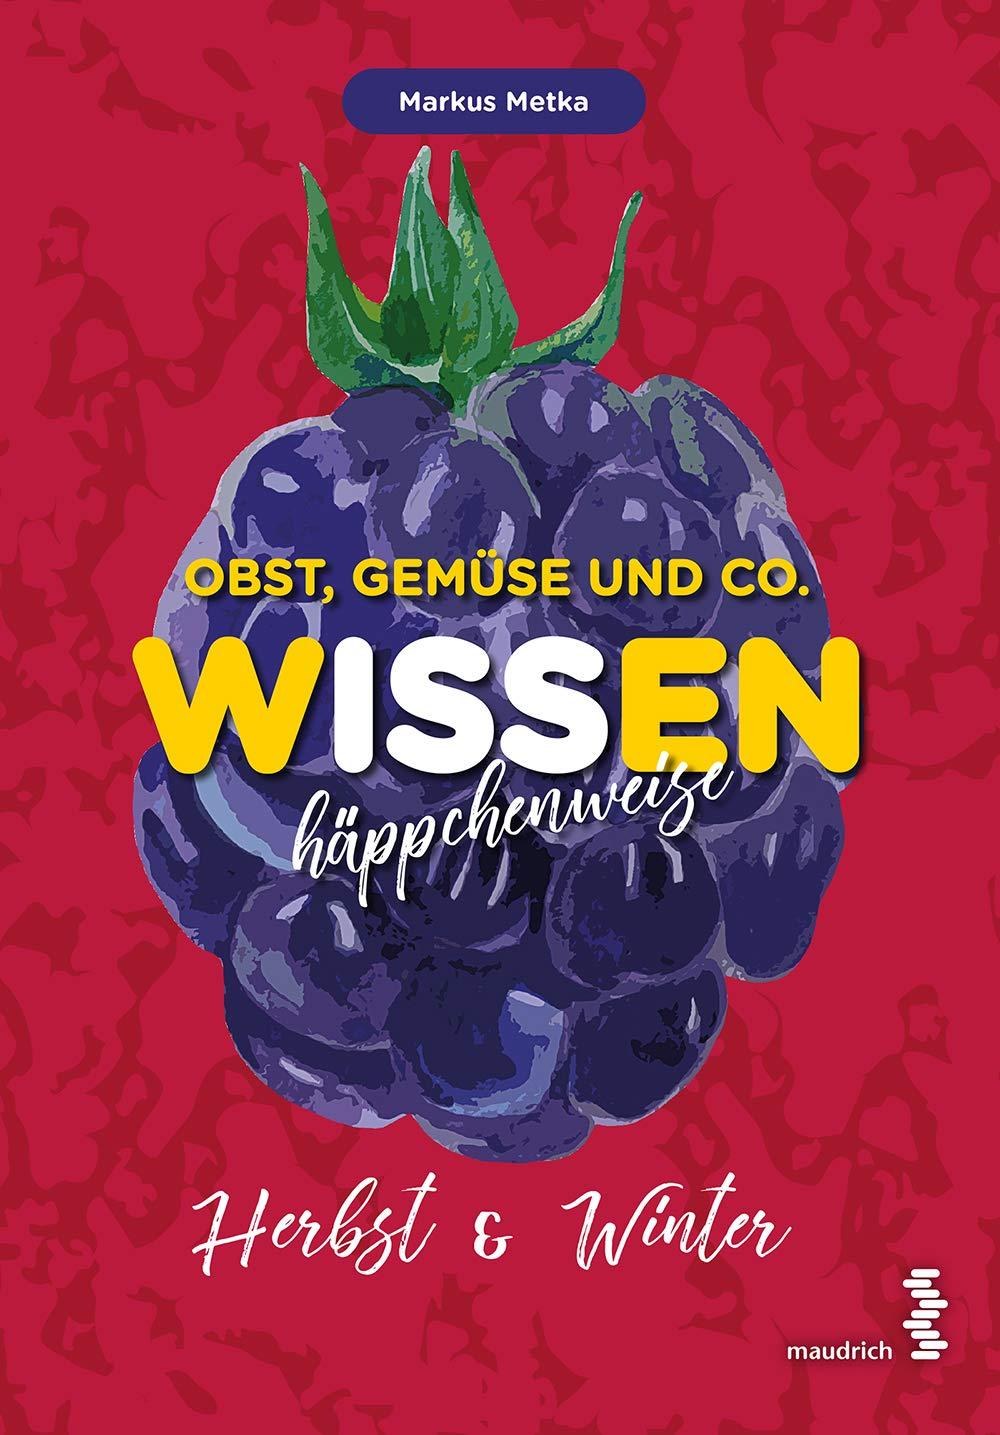 Obst, Gemüse und Co. - WISSEN häppchenweise: Herbst & Winter